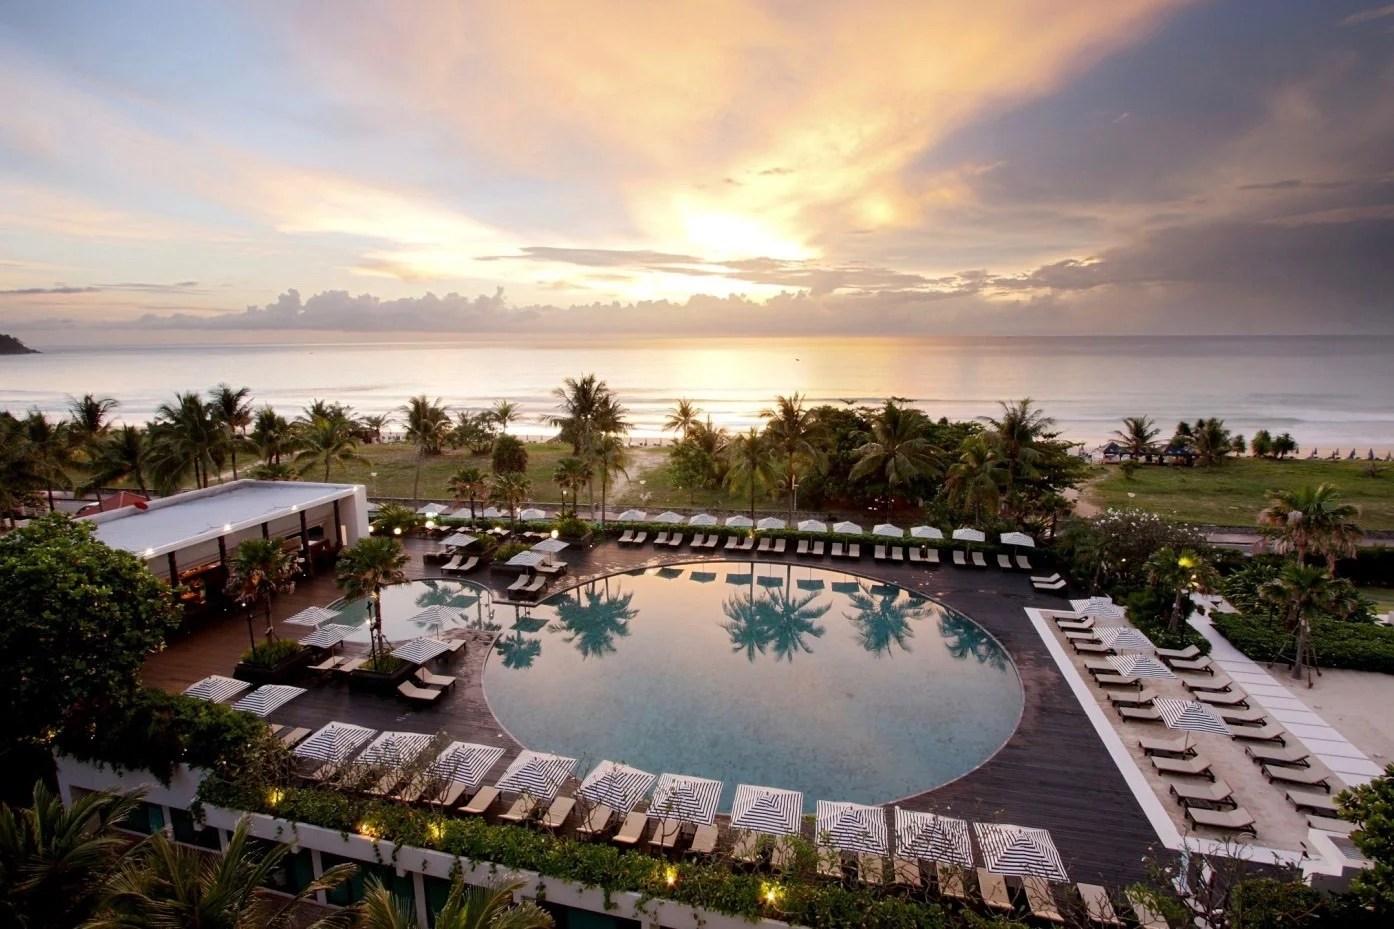 Photo of the Phuket Arcadia Resort & Spa courtesy of the hotel.